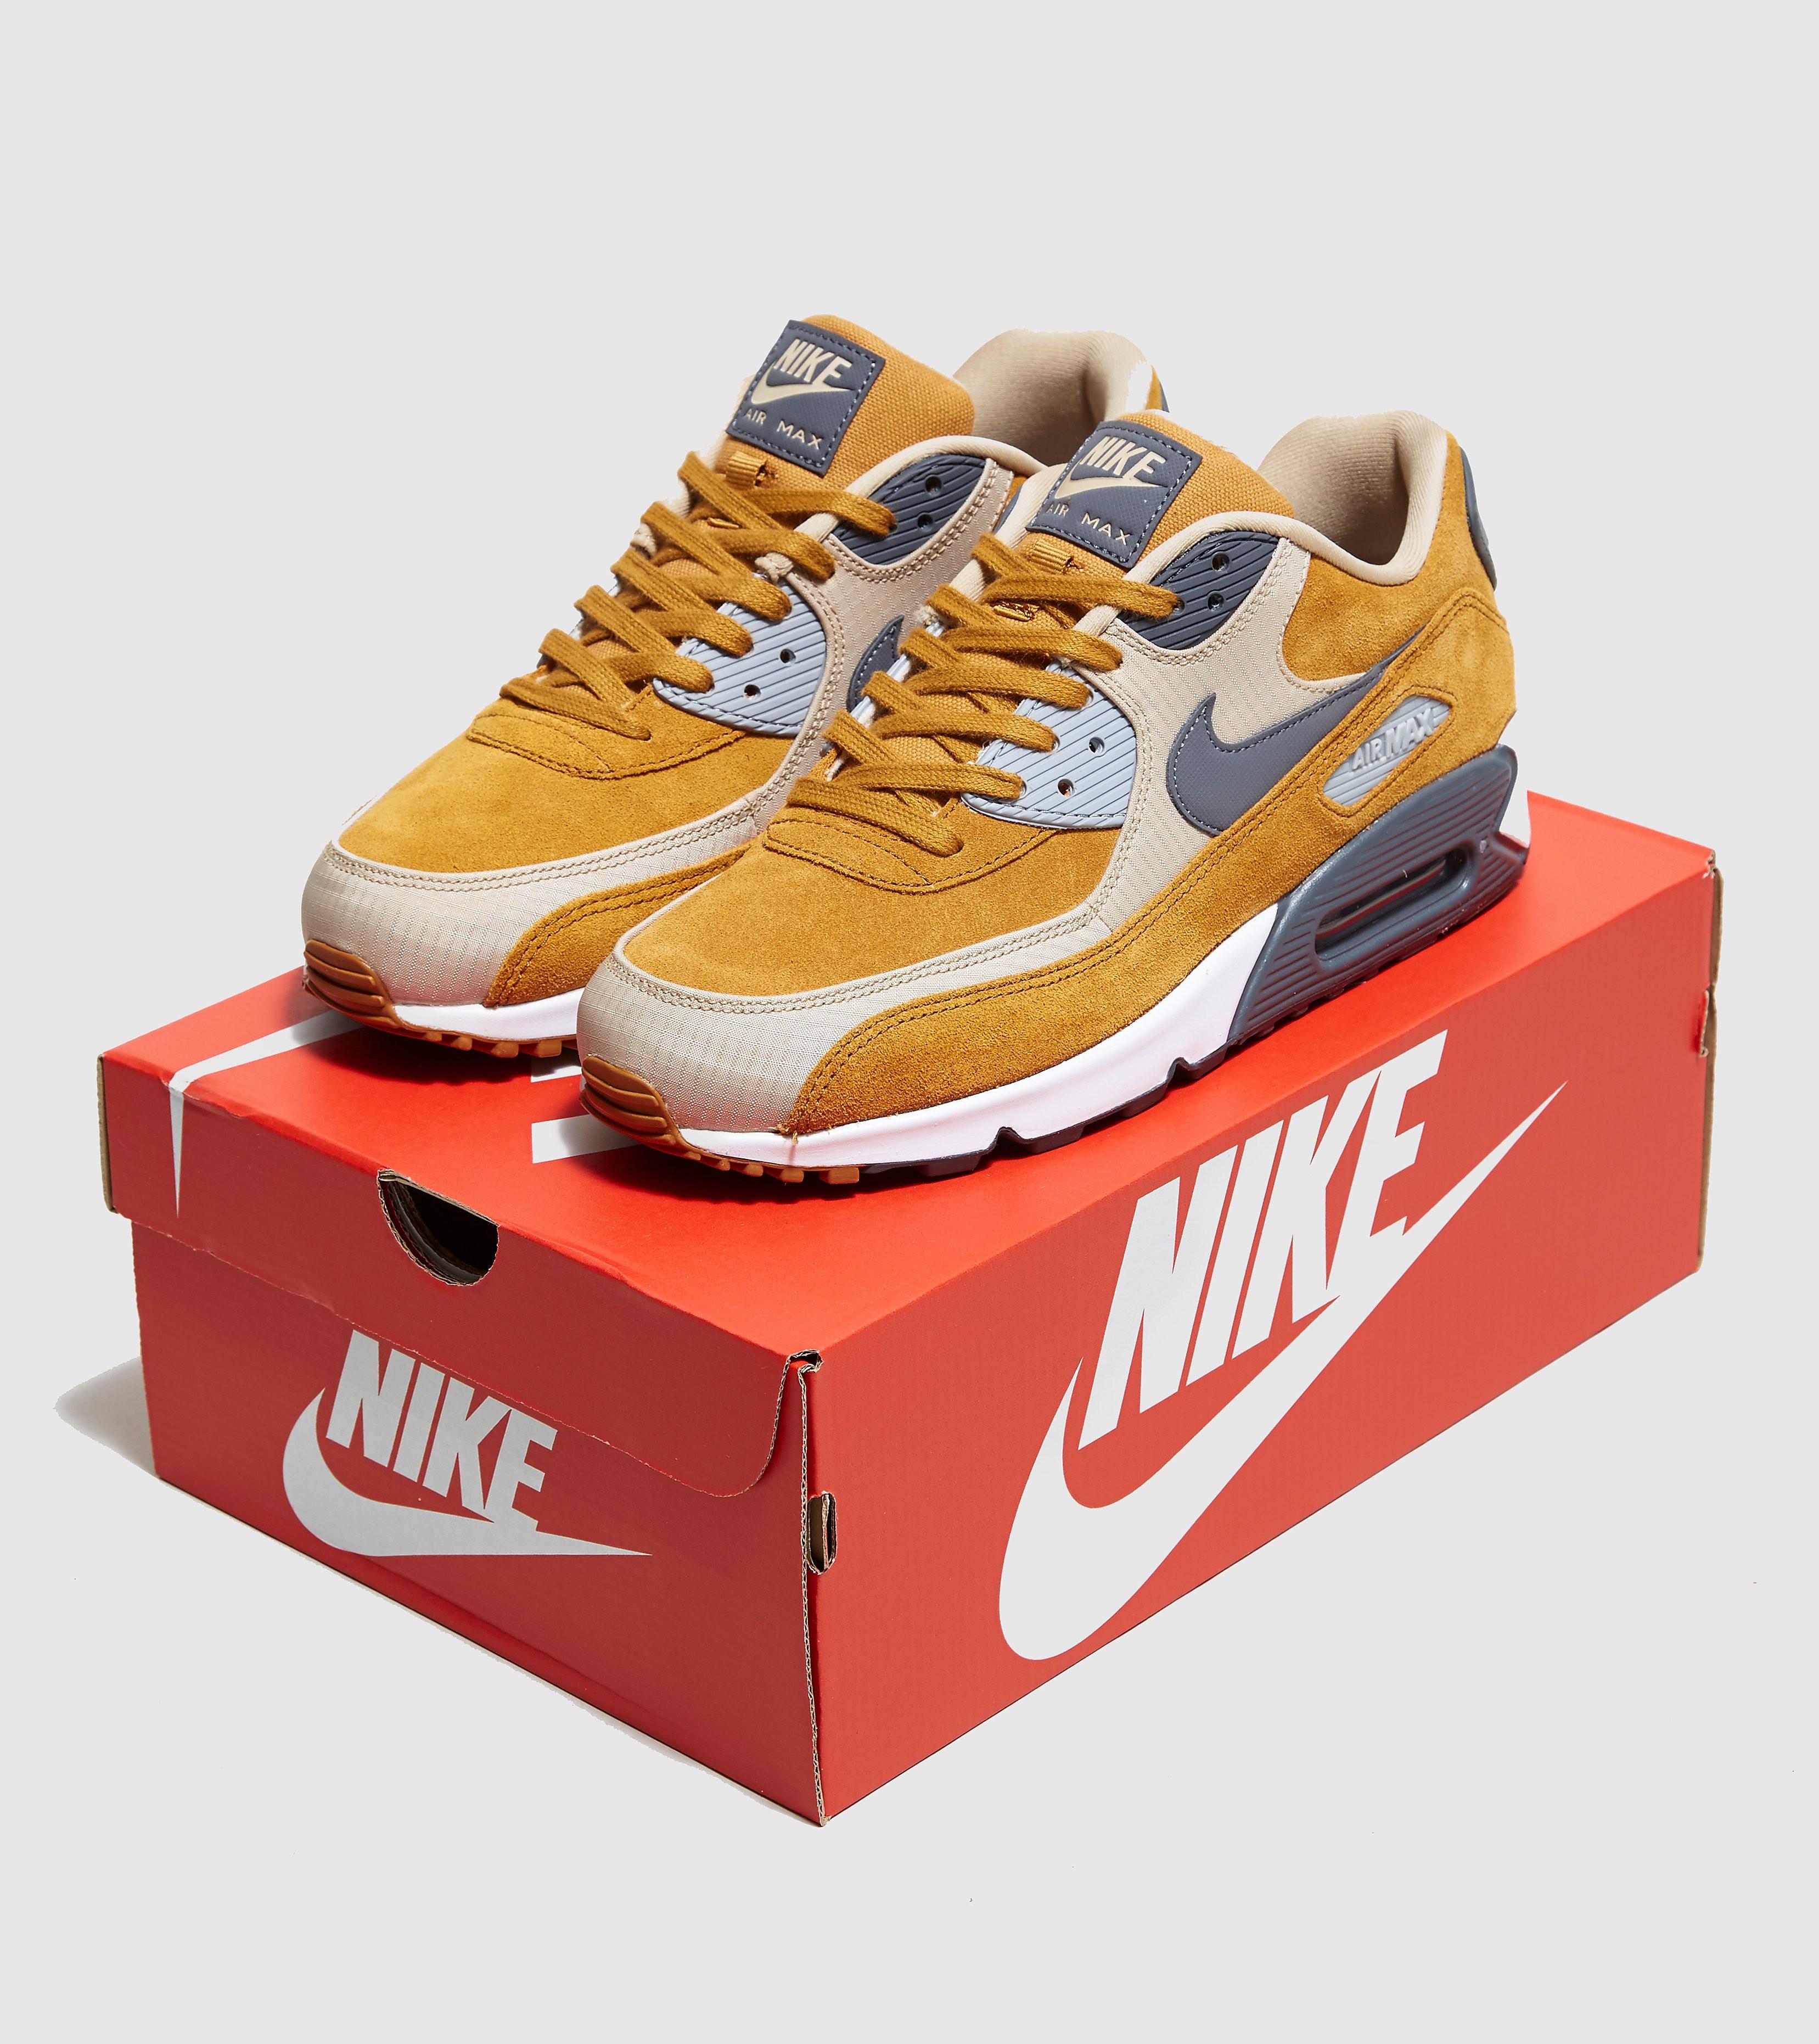 Nike Air Max 90 Winter Premium